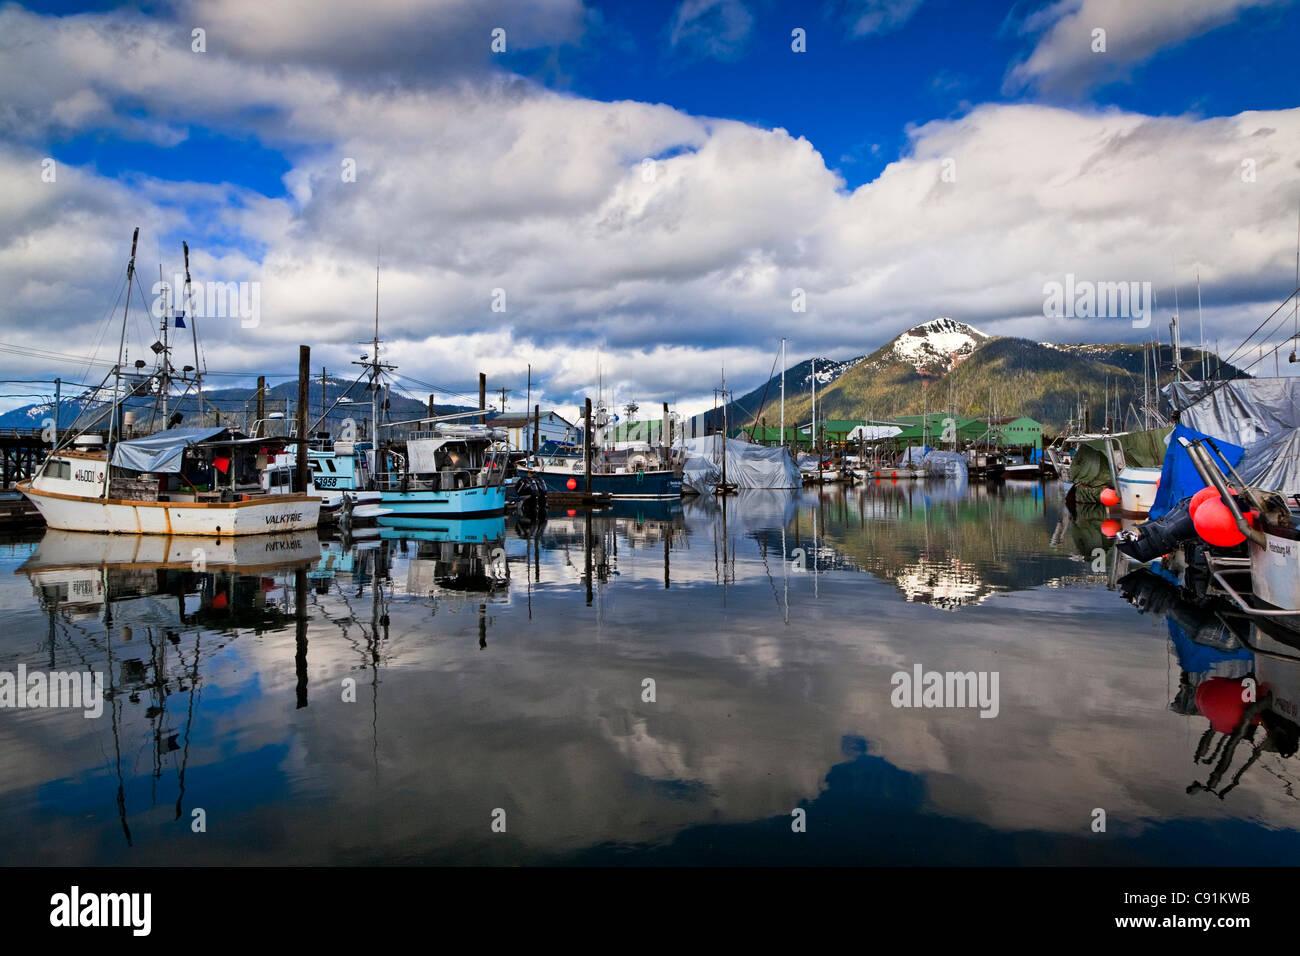 Angeln, Boote und Meer Schönheit Seafoods Cannery am Nordhafen, Petersburg, südöstlichen Alaska, Stockbild